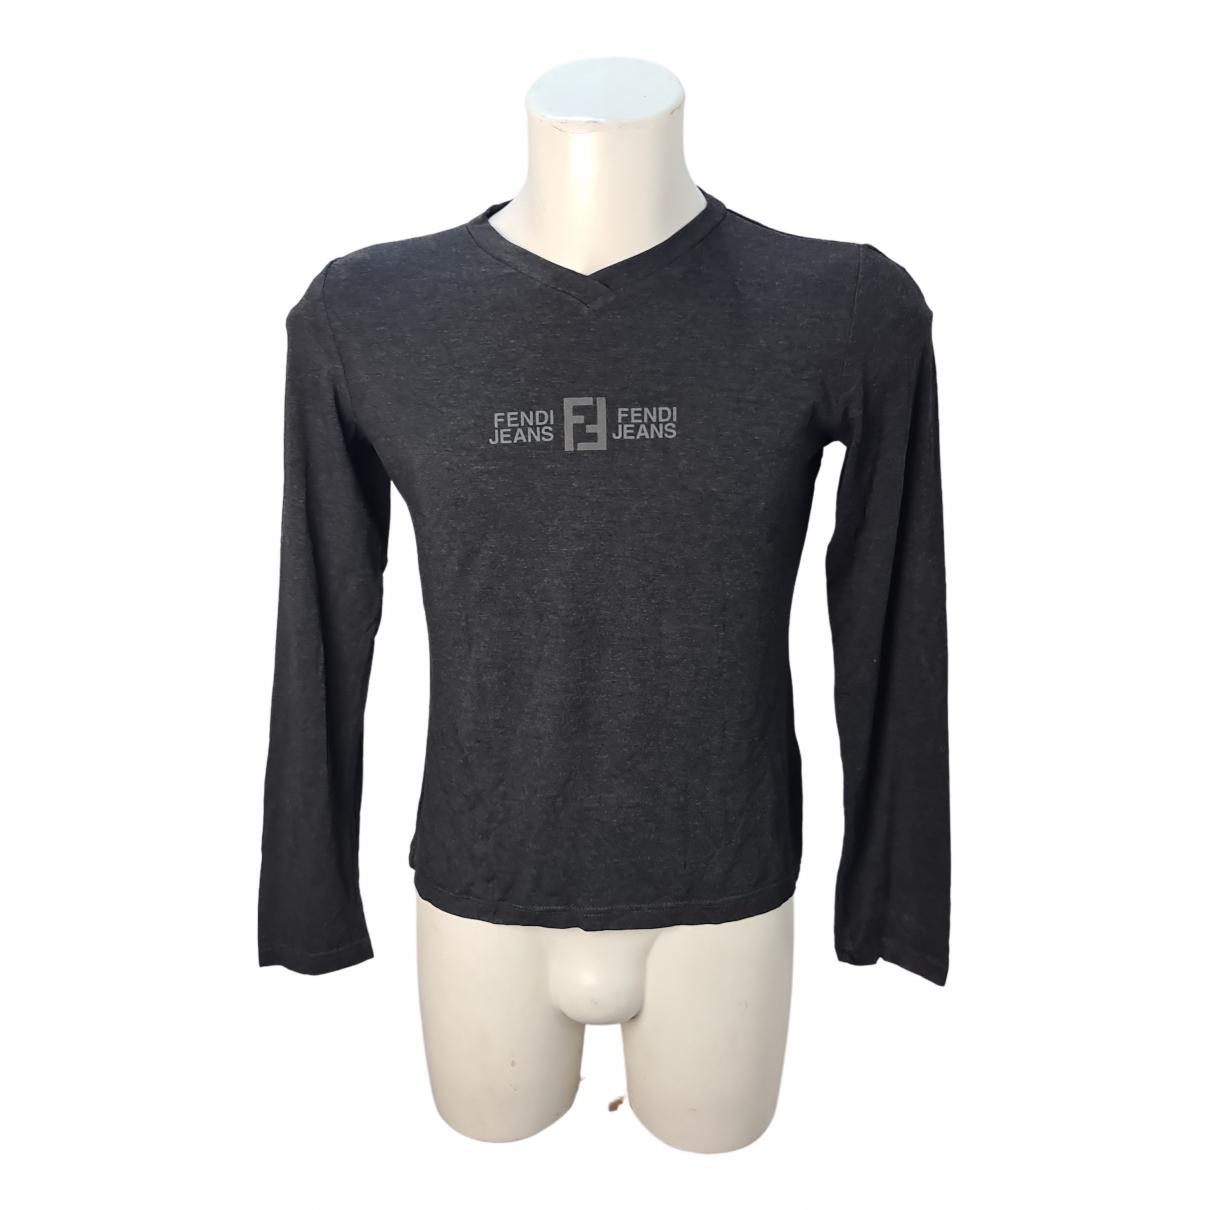 Fendi - Tee shirts   pour homme - noir